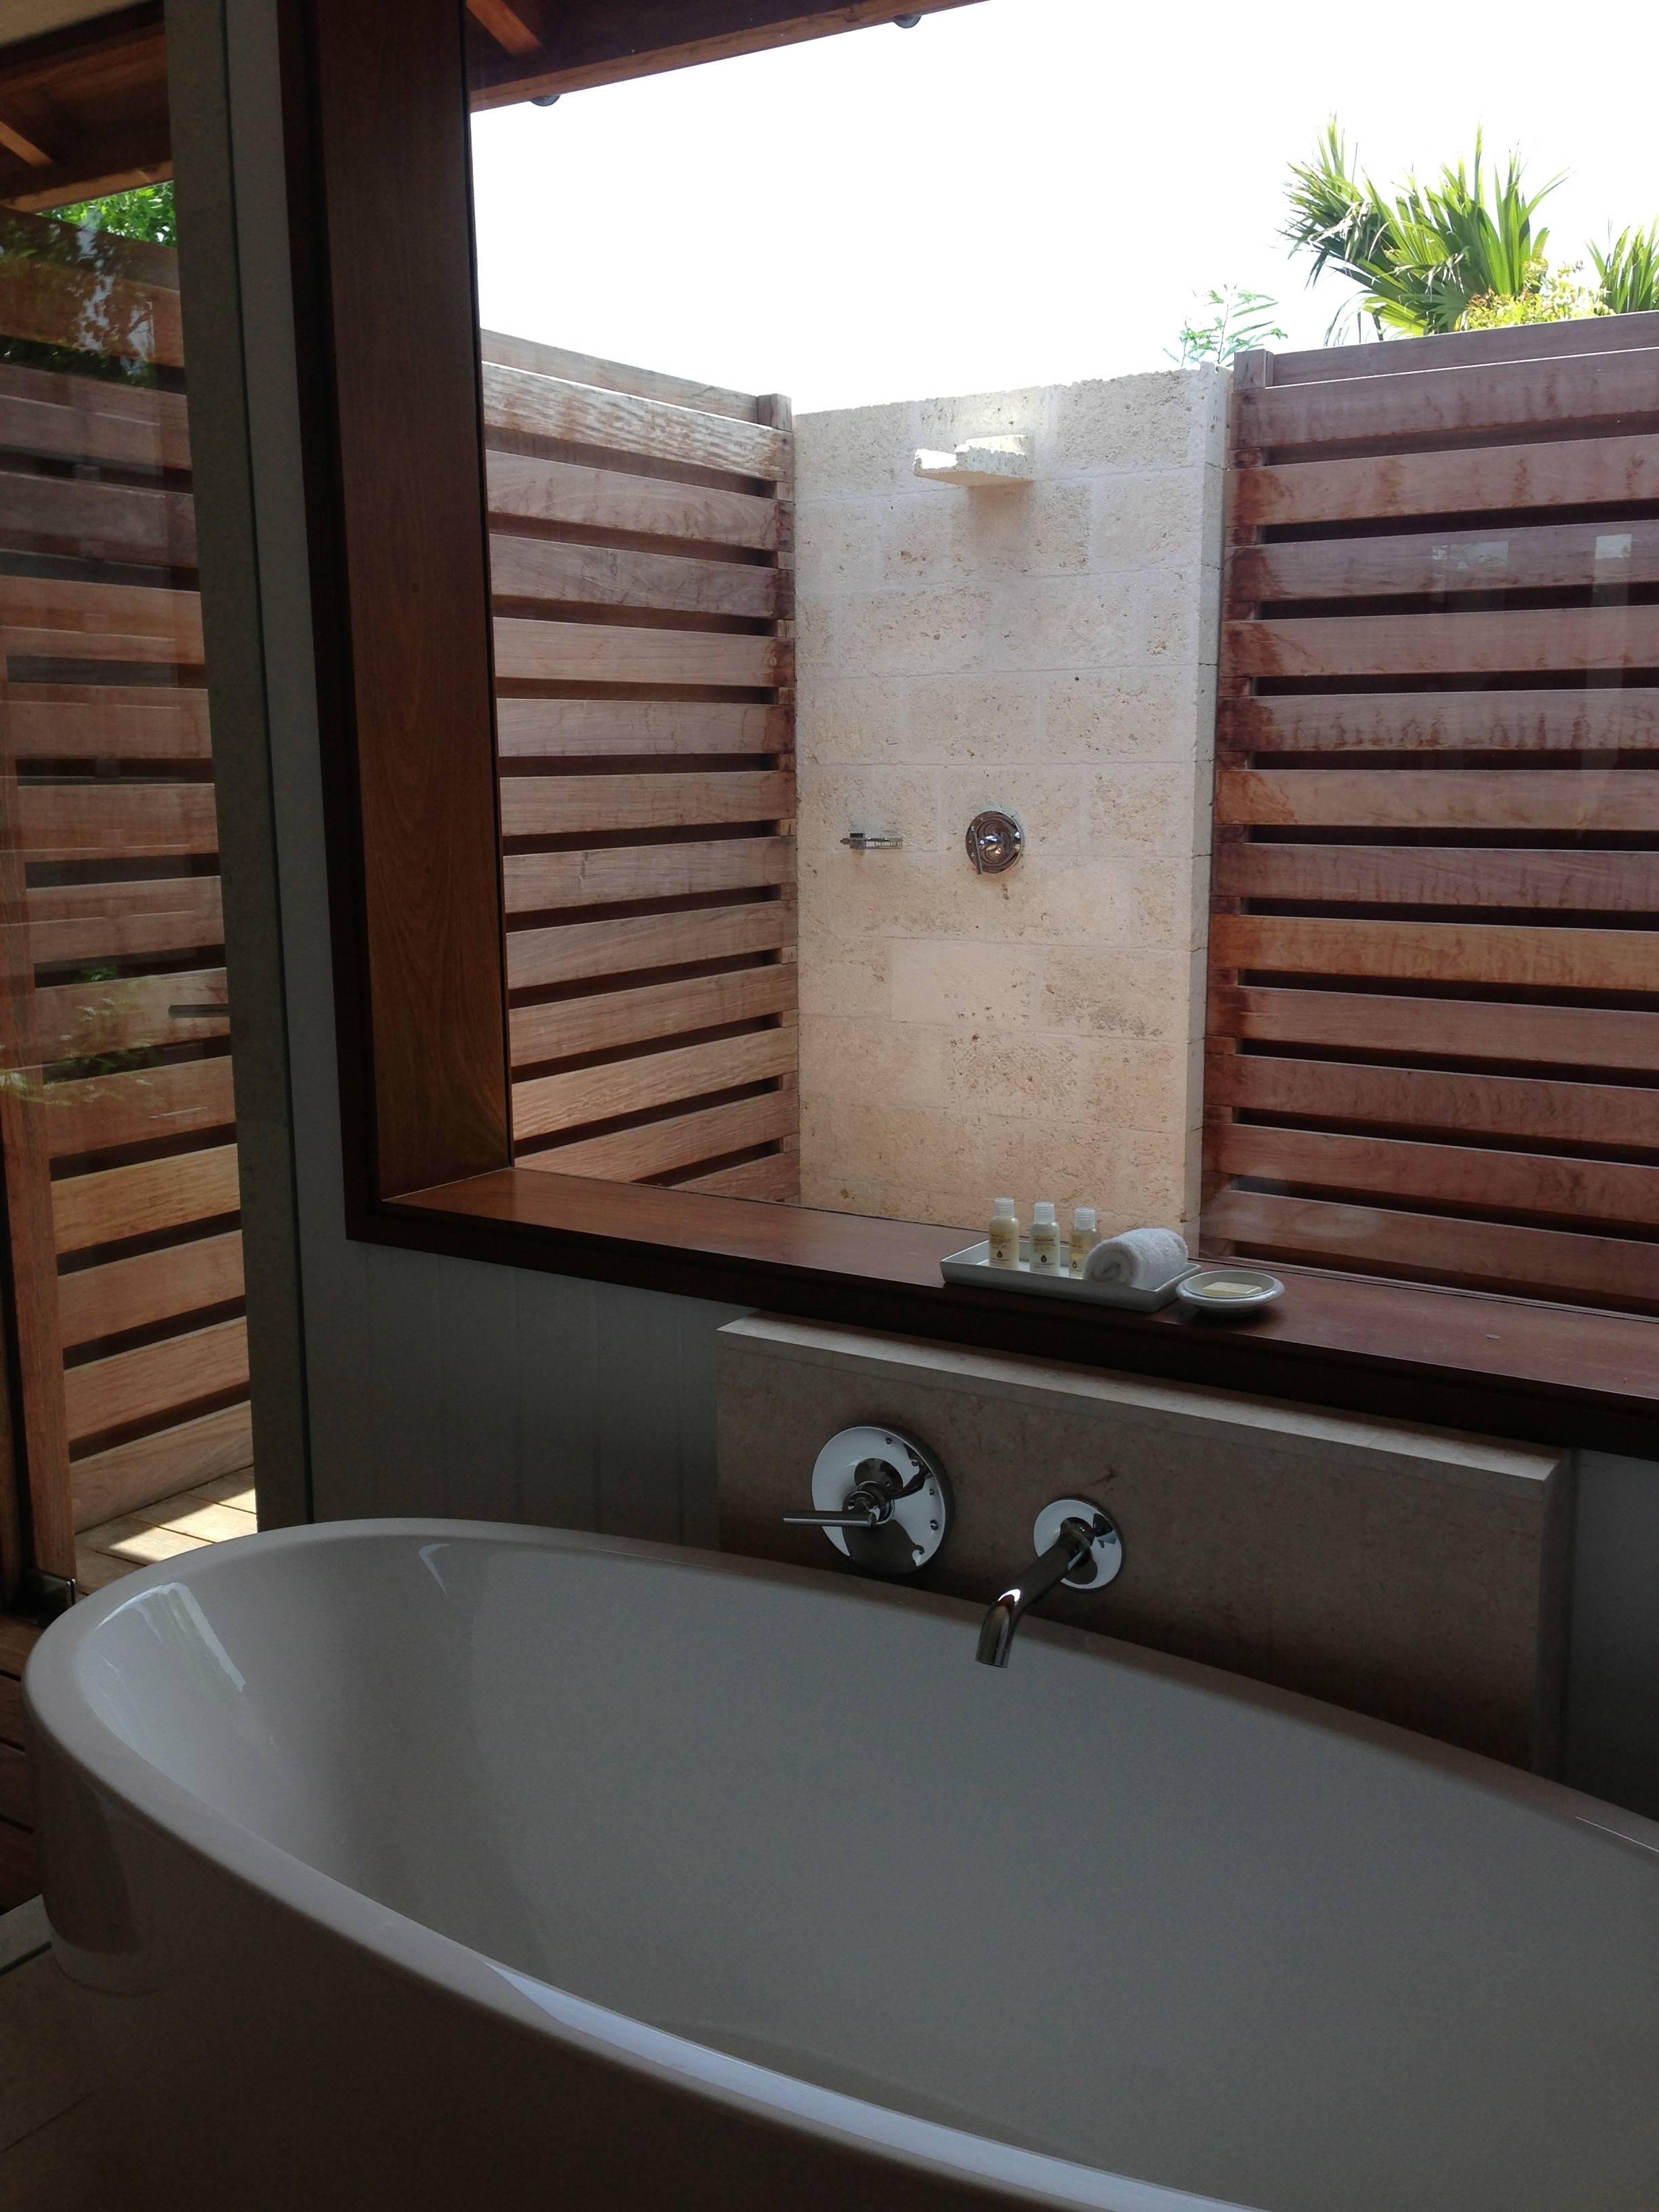 3 bedroom beach villa bathroom